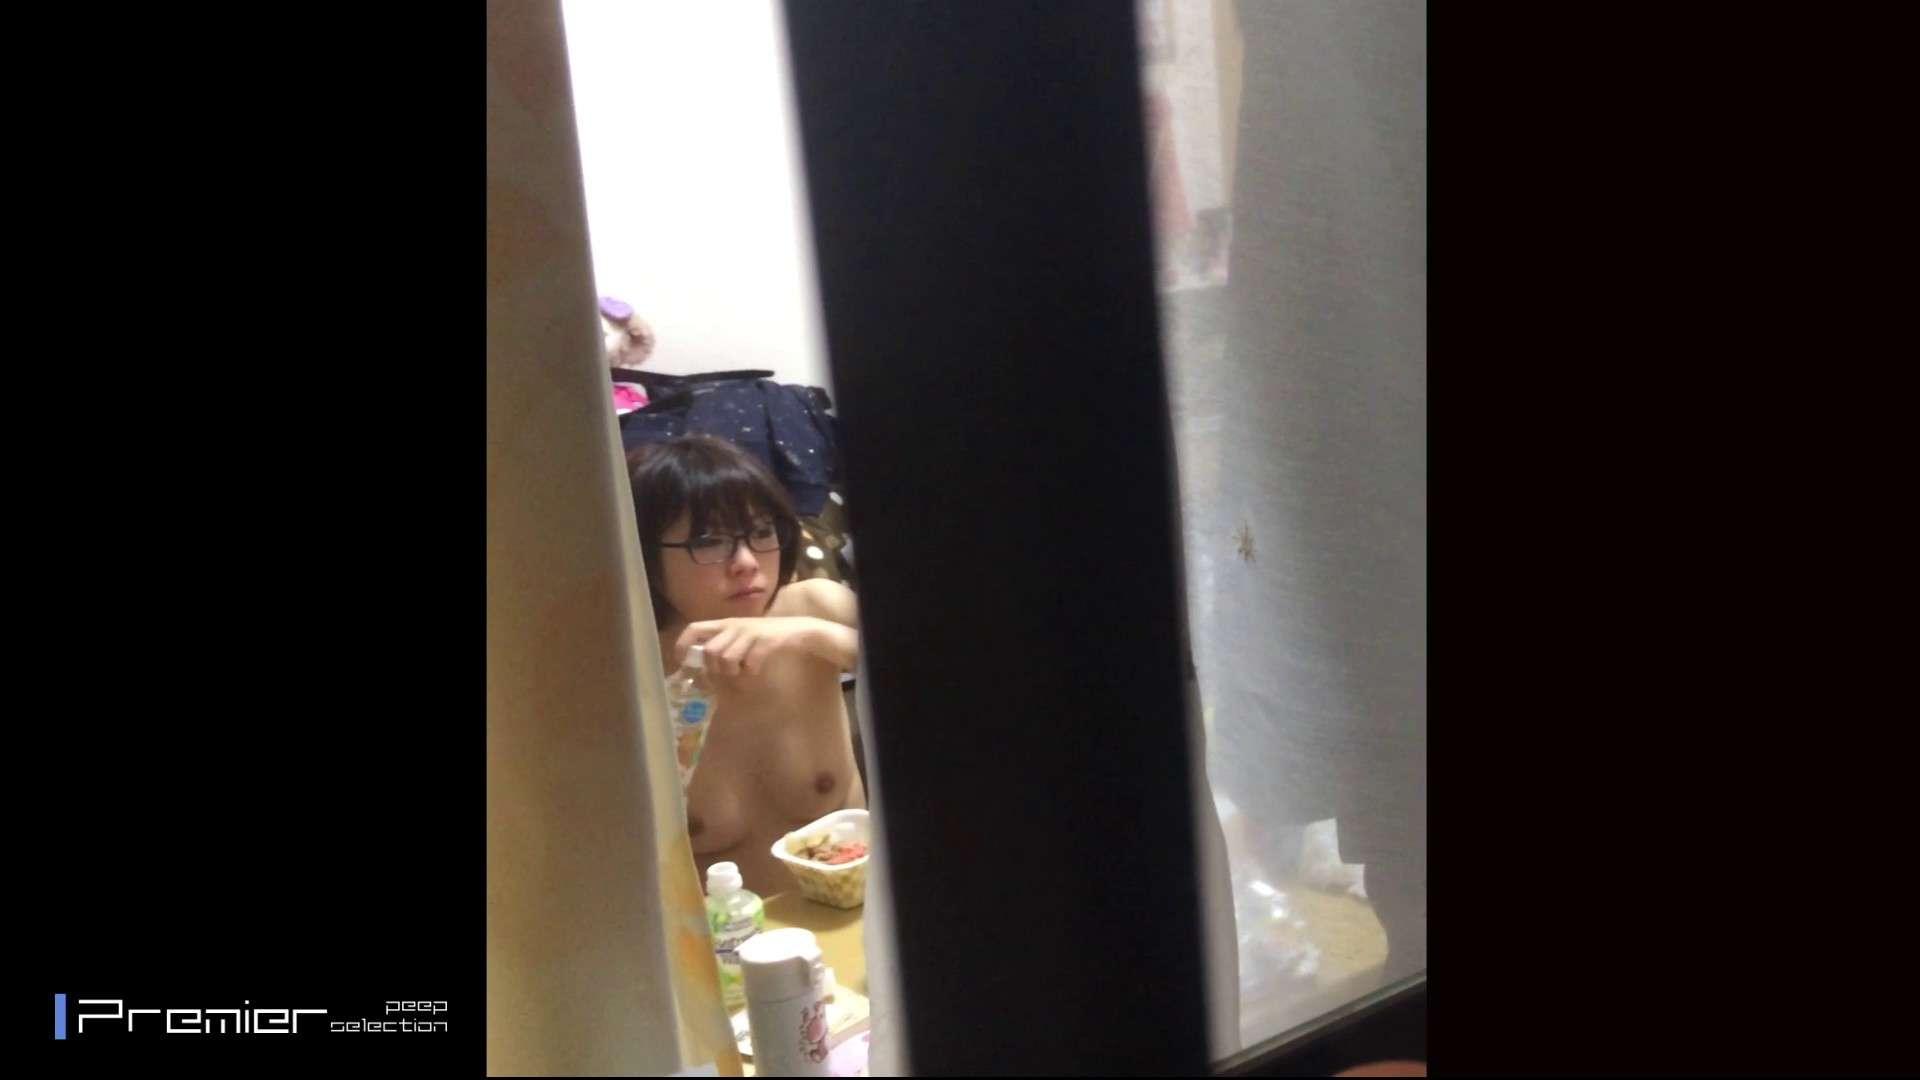 眼鏡美女の食事を隠し撮り 乙女の風呂場 Vol.05 細身体型 セックス無修正動画無料 96枚 65